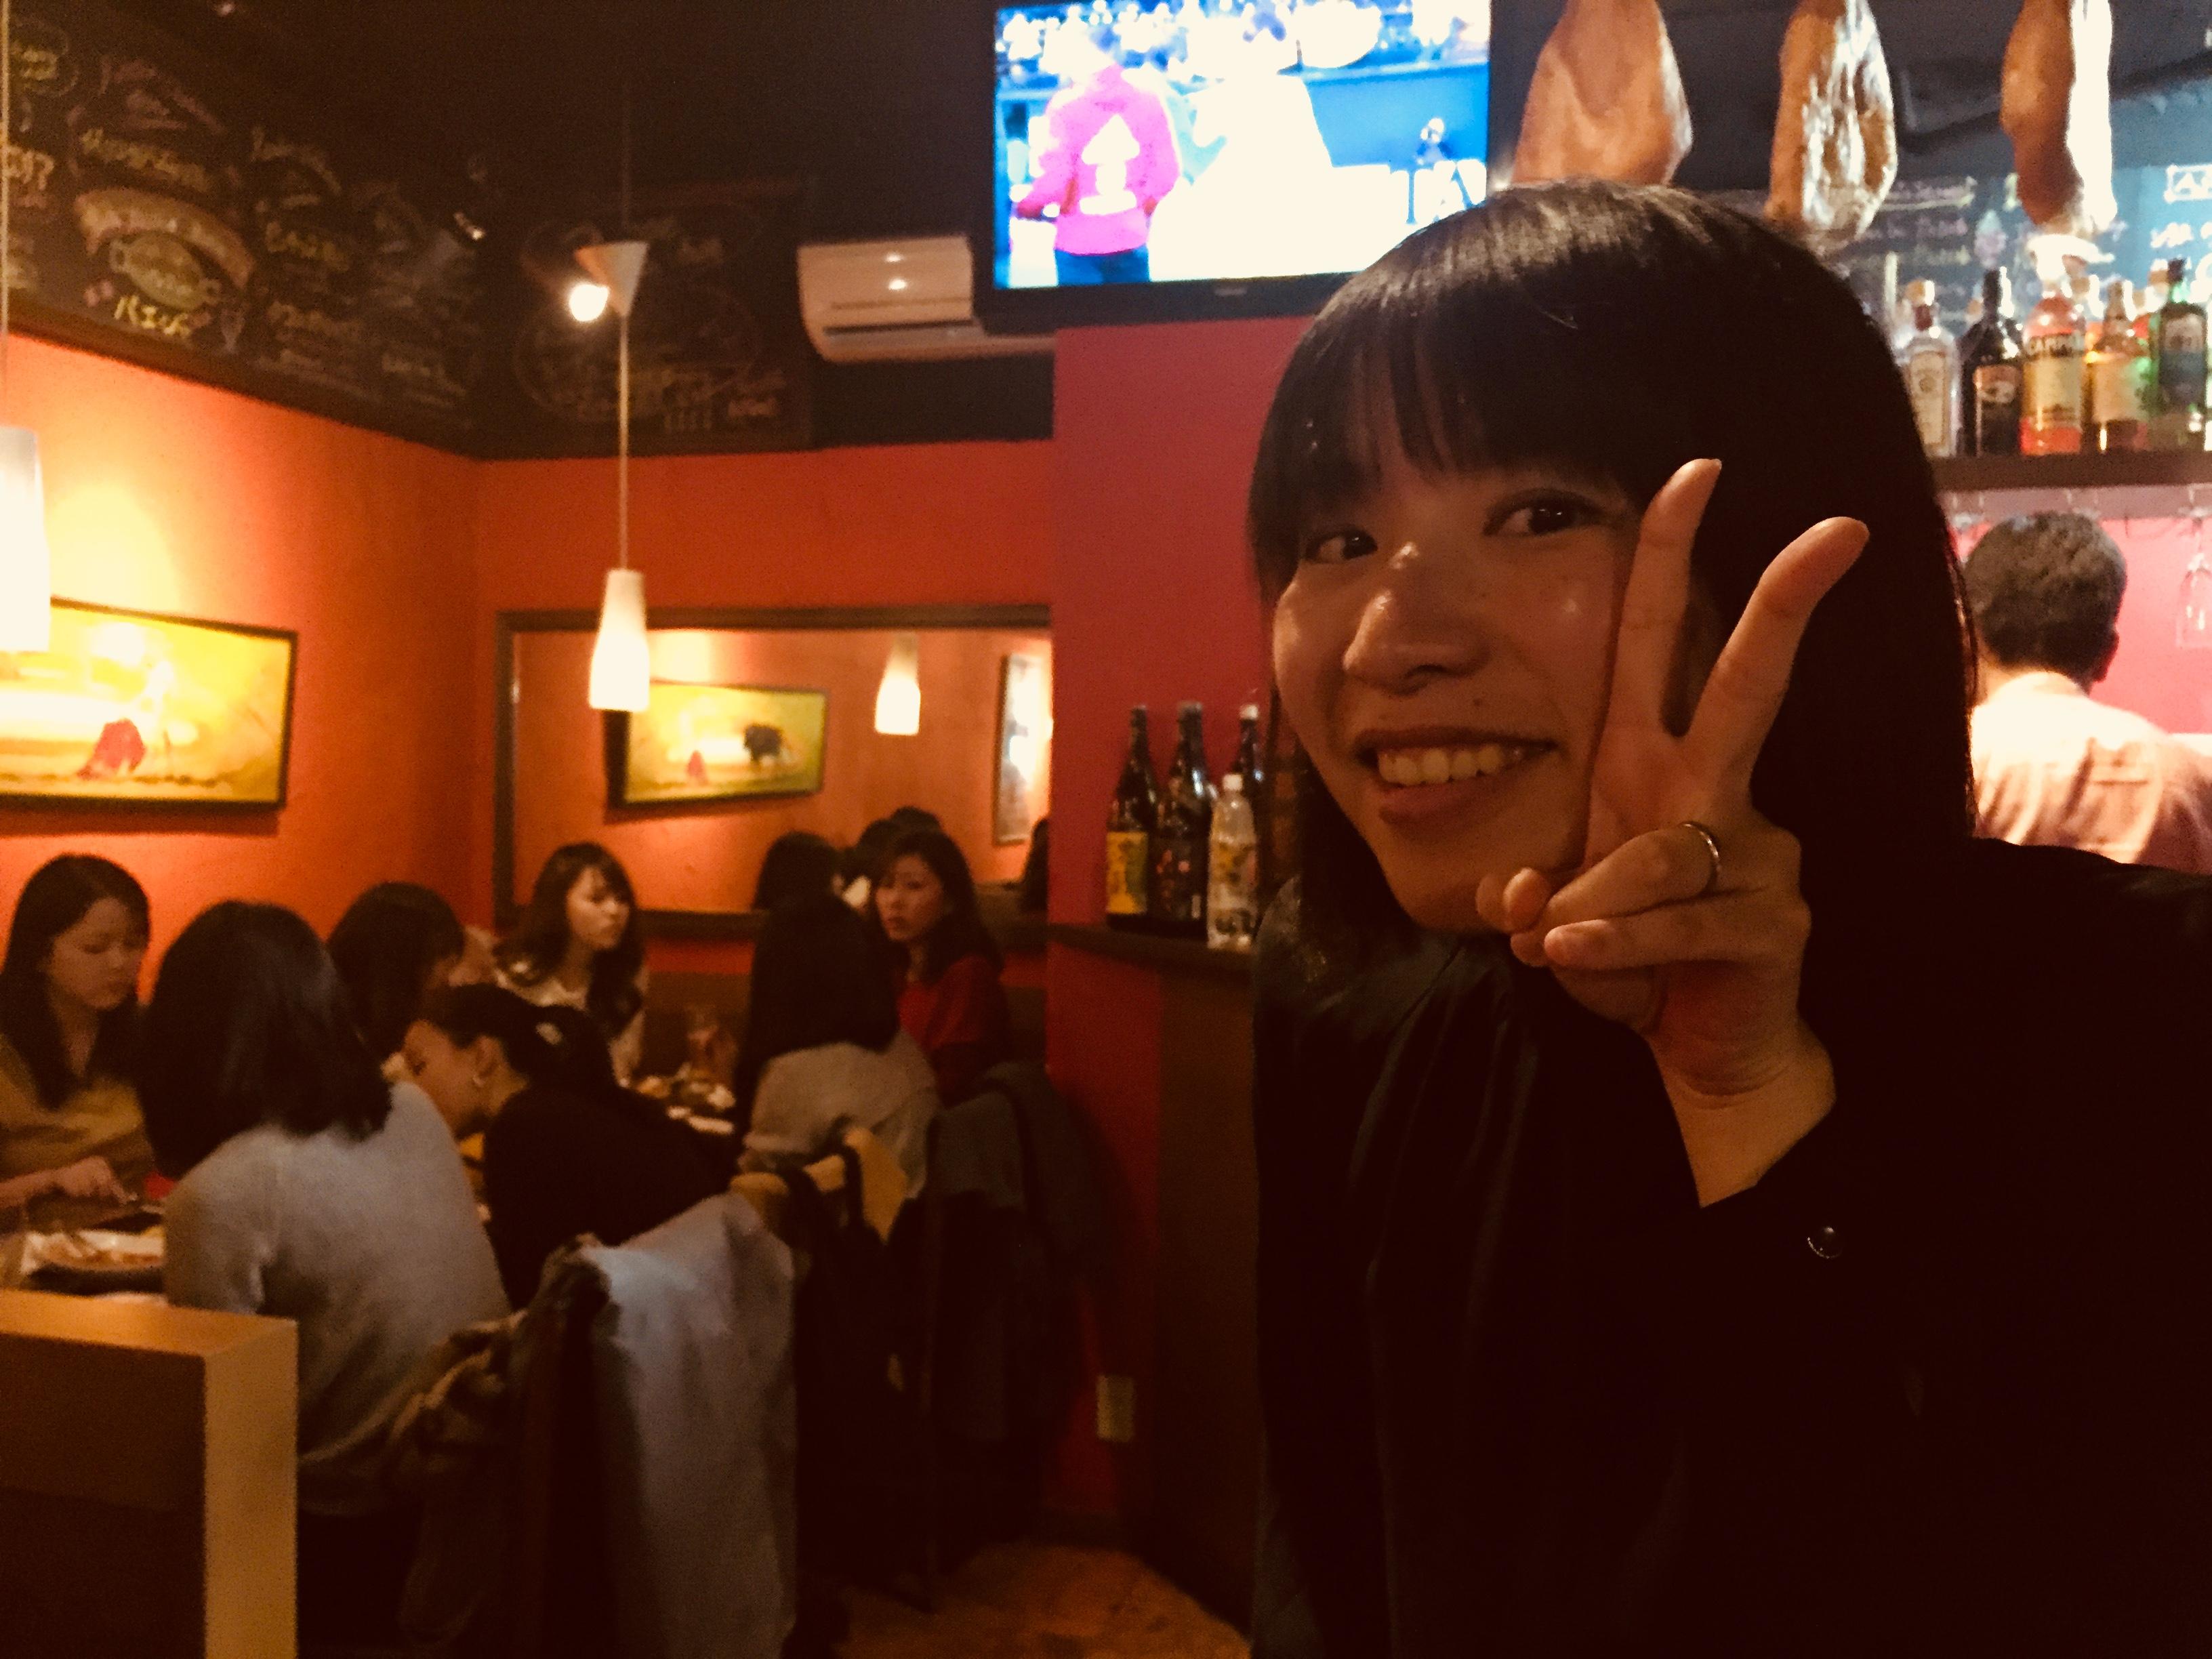 【忘年会シーズン!】西新宿のお店を貸し切って、豪華なプレゼントとお酒で盛り上がった話。